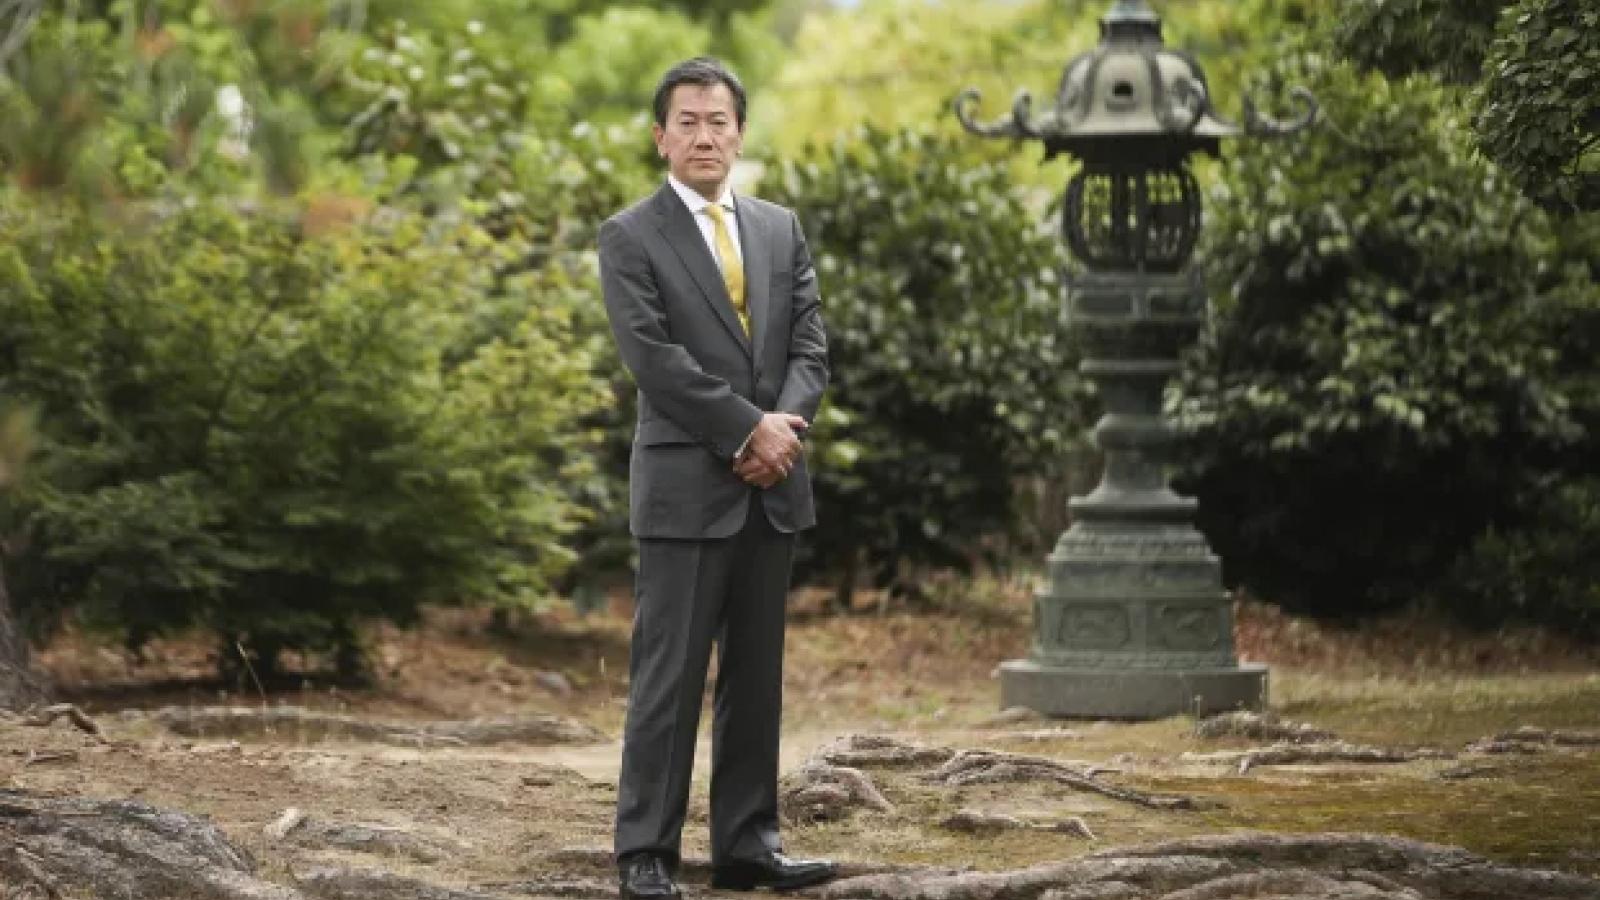 Nhật Bản thúc giục Australia tăng cường sự hiện diện tại biển Hoa Đông